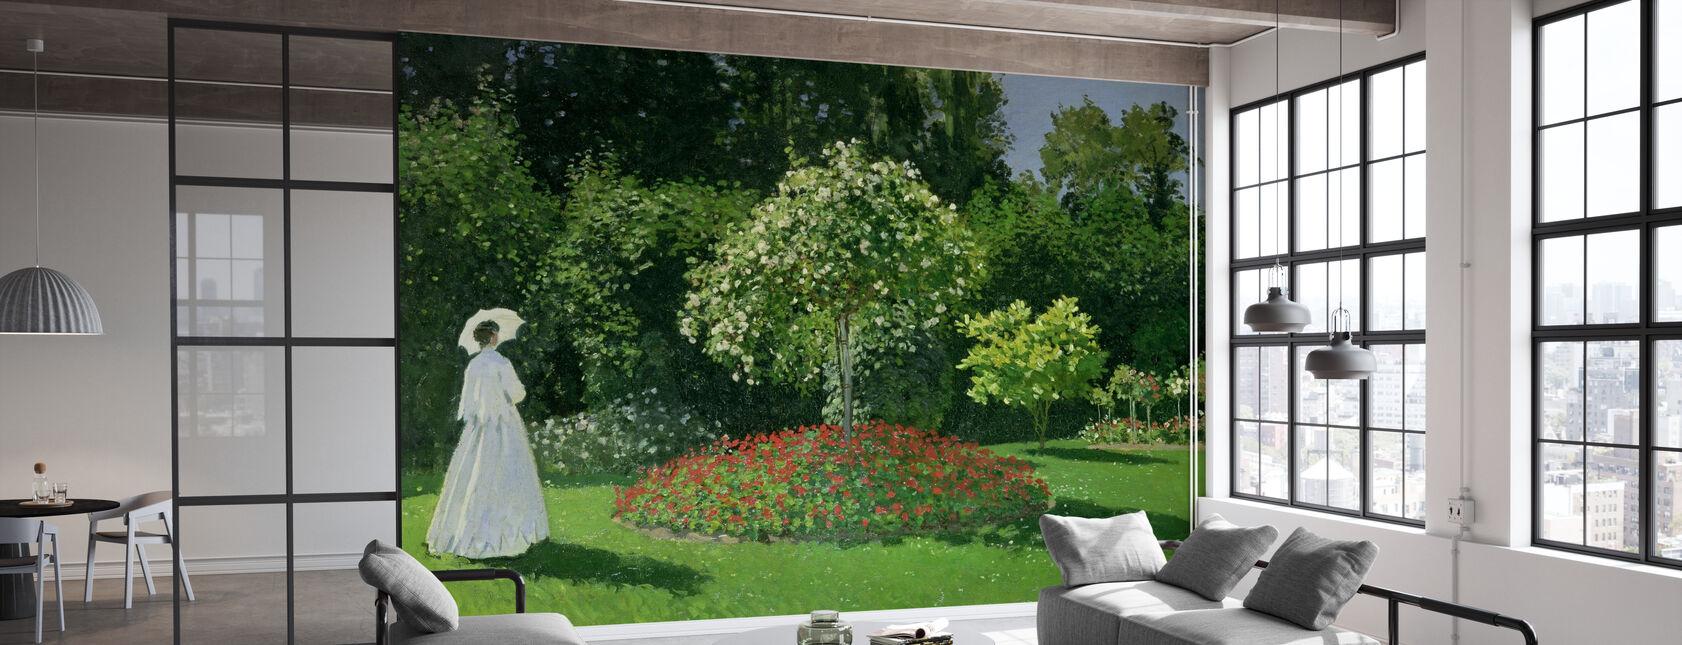 Femme dans un jardin - Claude Monet - Papier peint - Bureau